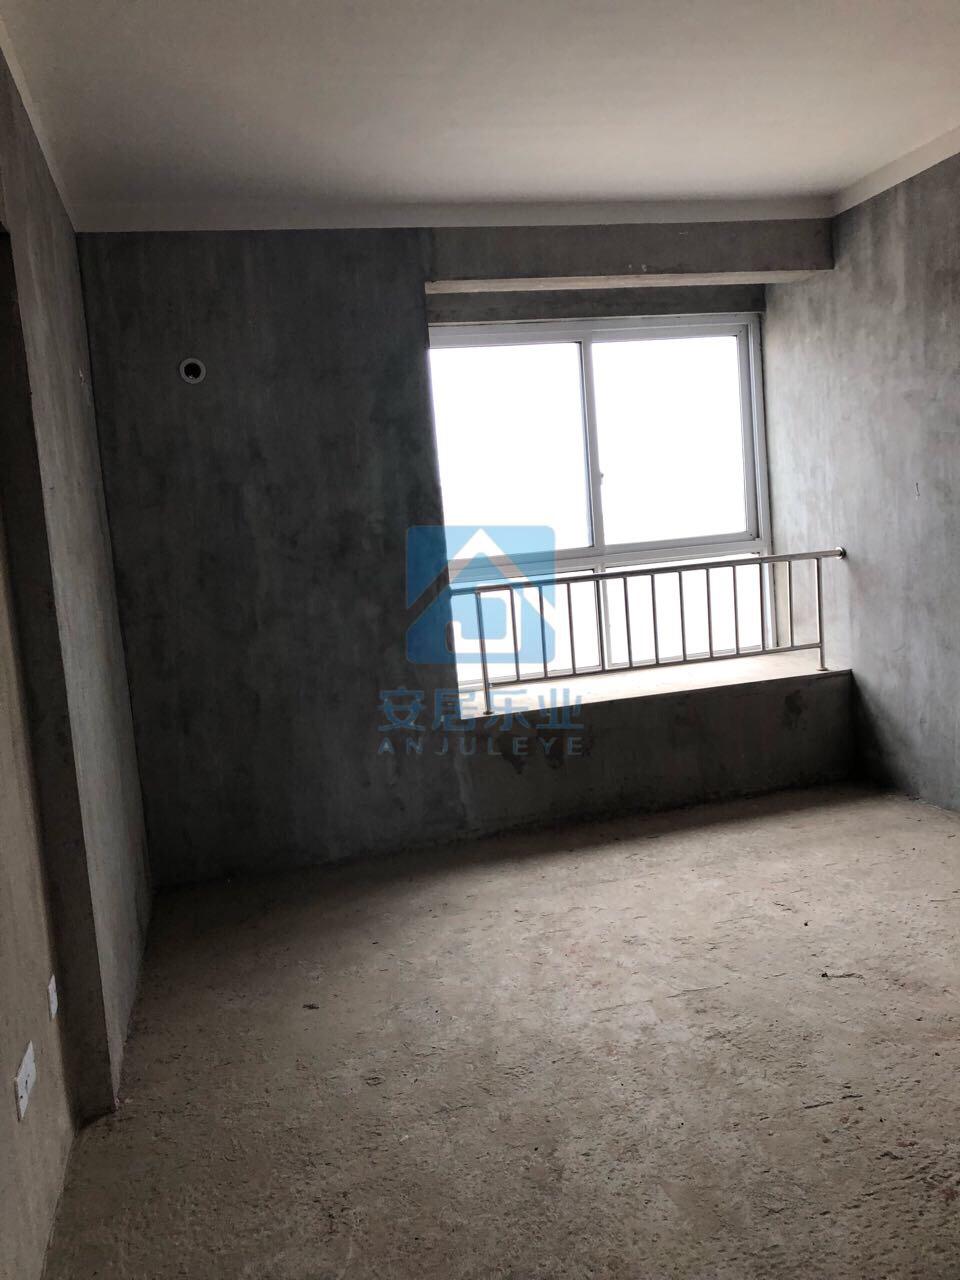 万安三峰中央城鄱阳最高端的房子,聚划算的价格,房东